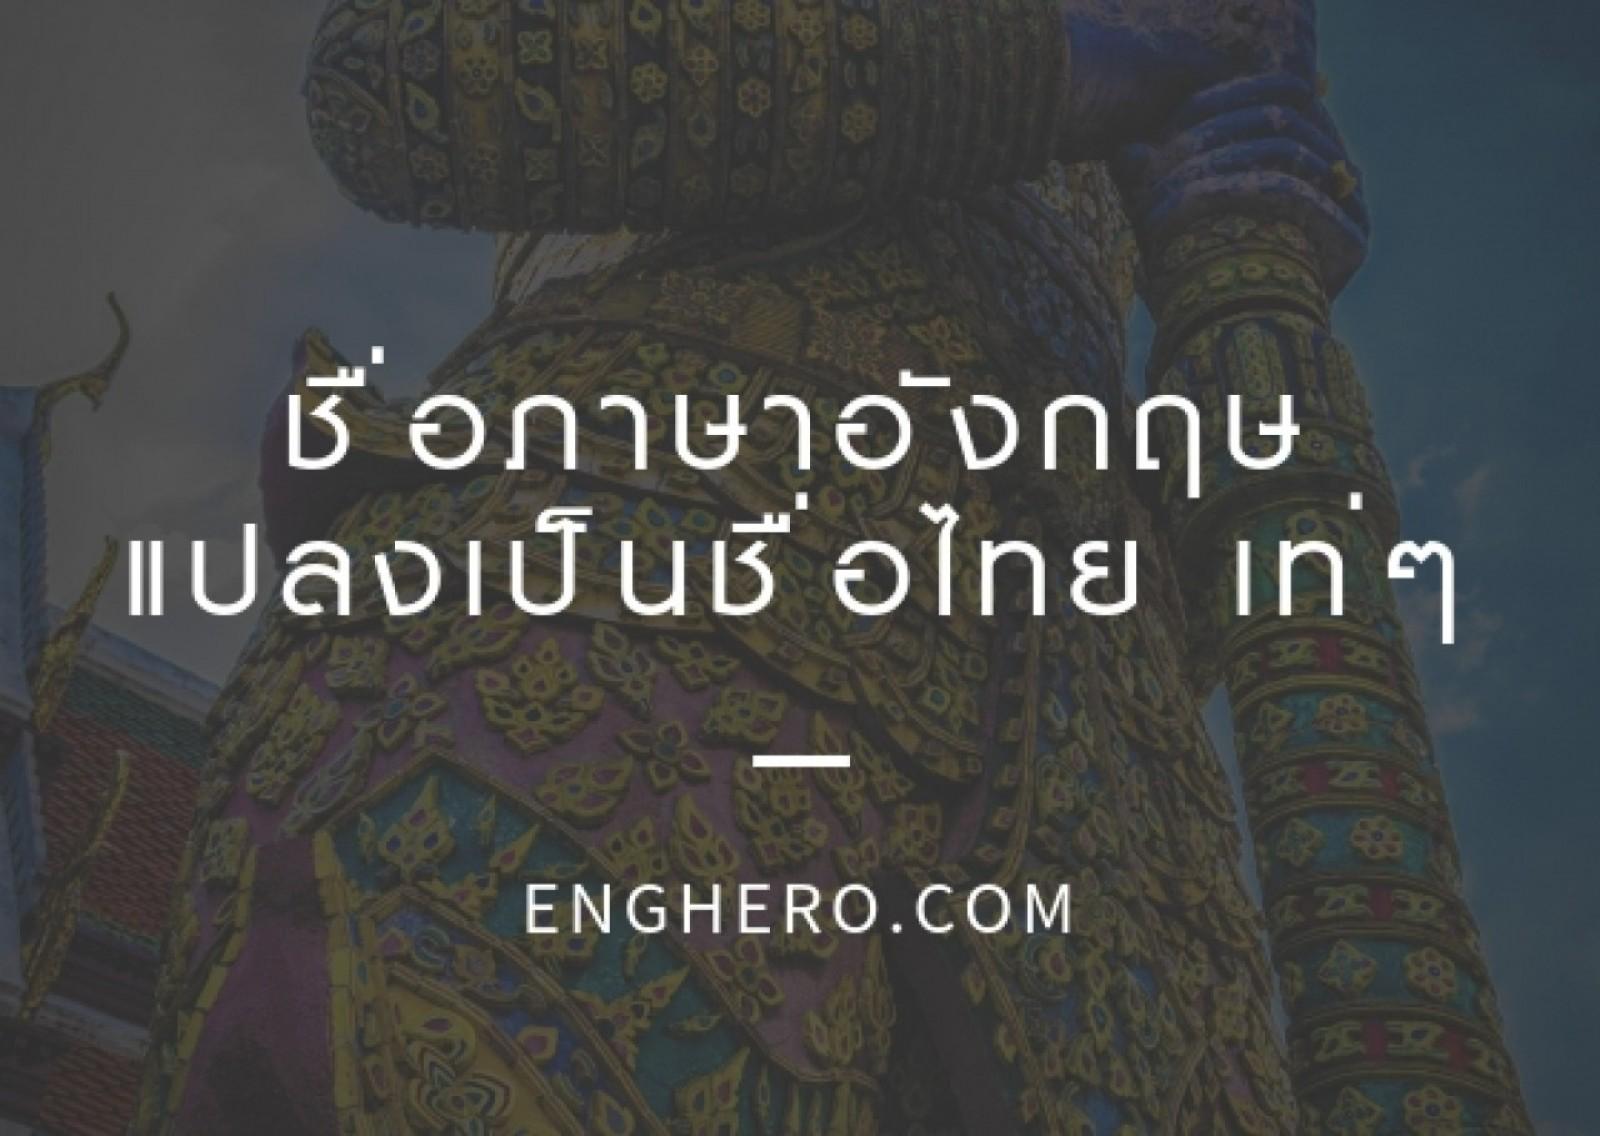 รวม 170 ชื่อเท่ๆ เก๋ๆ ที่สะกดได้ 2 ภาษา ทั้งภาษาไทยและภาษาอังกฤษ พร้อมความหมาย